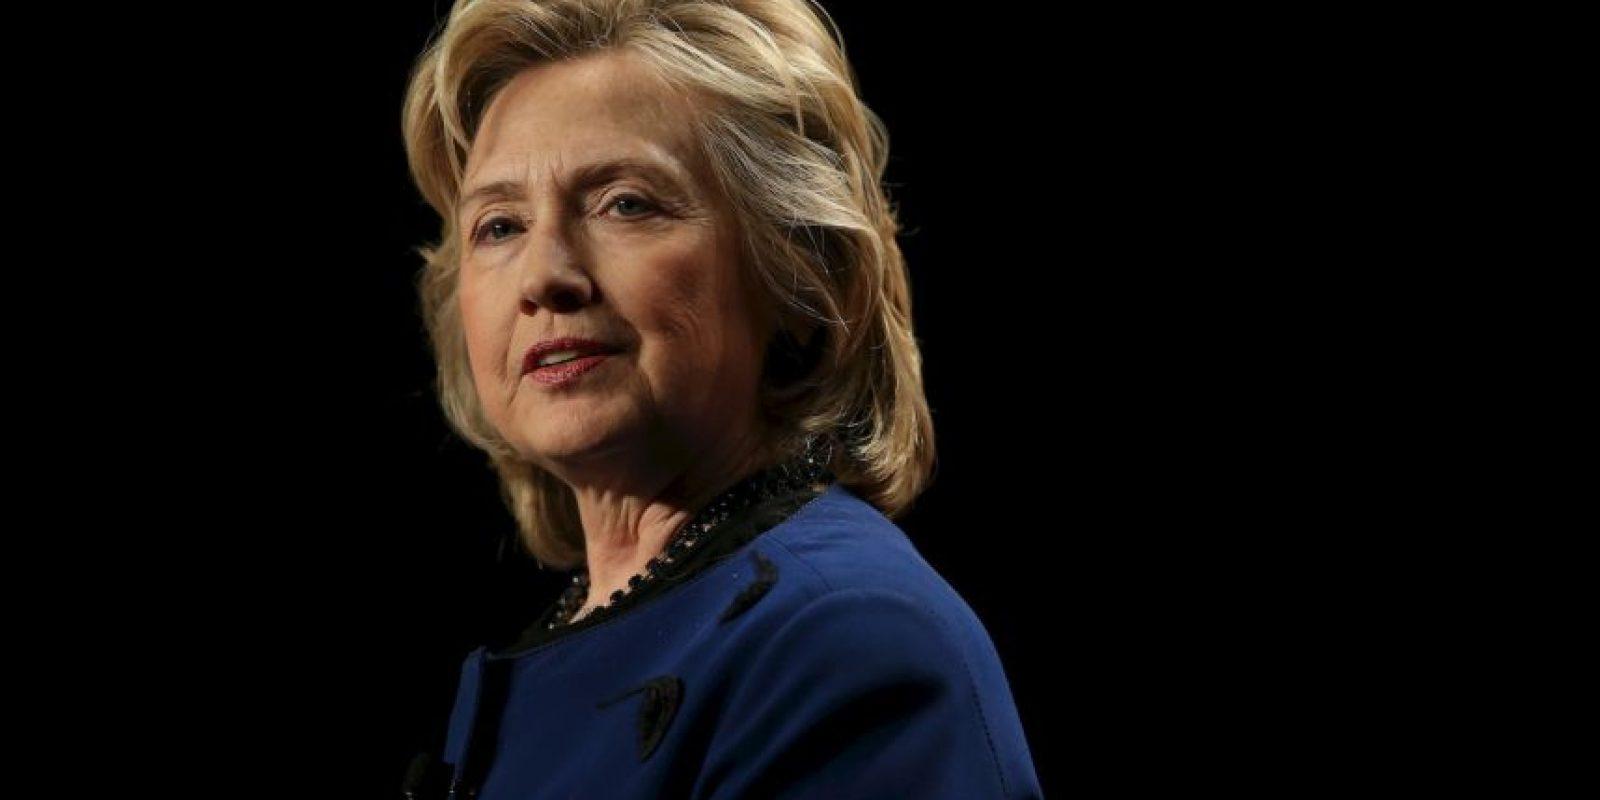 """Un experto de CNN la describió como """"fría y monótona desde el punto de vista emocional"""". Foto:Getty"""